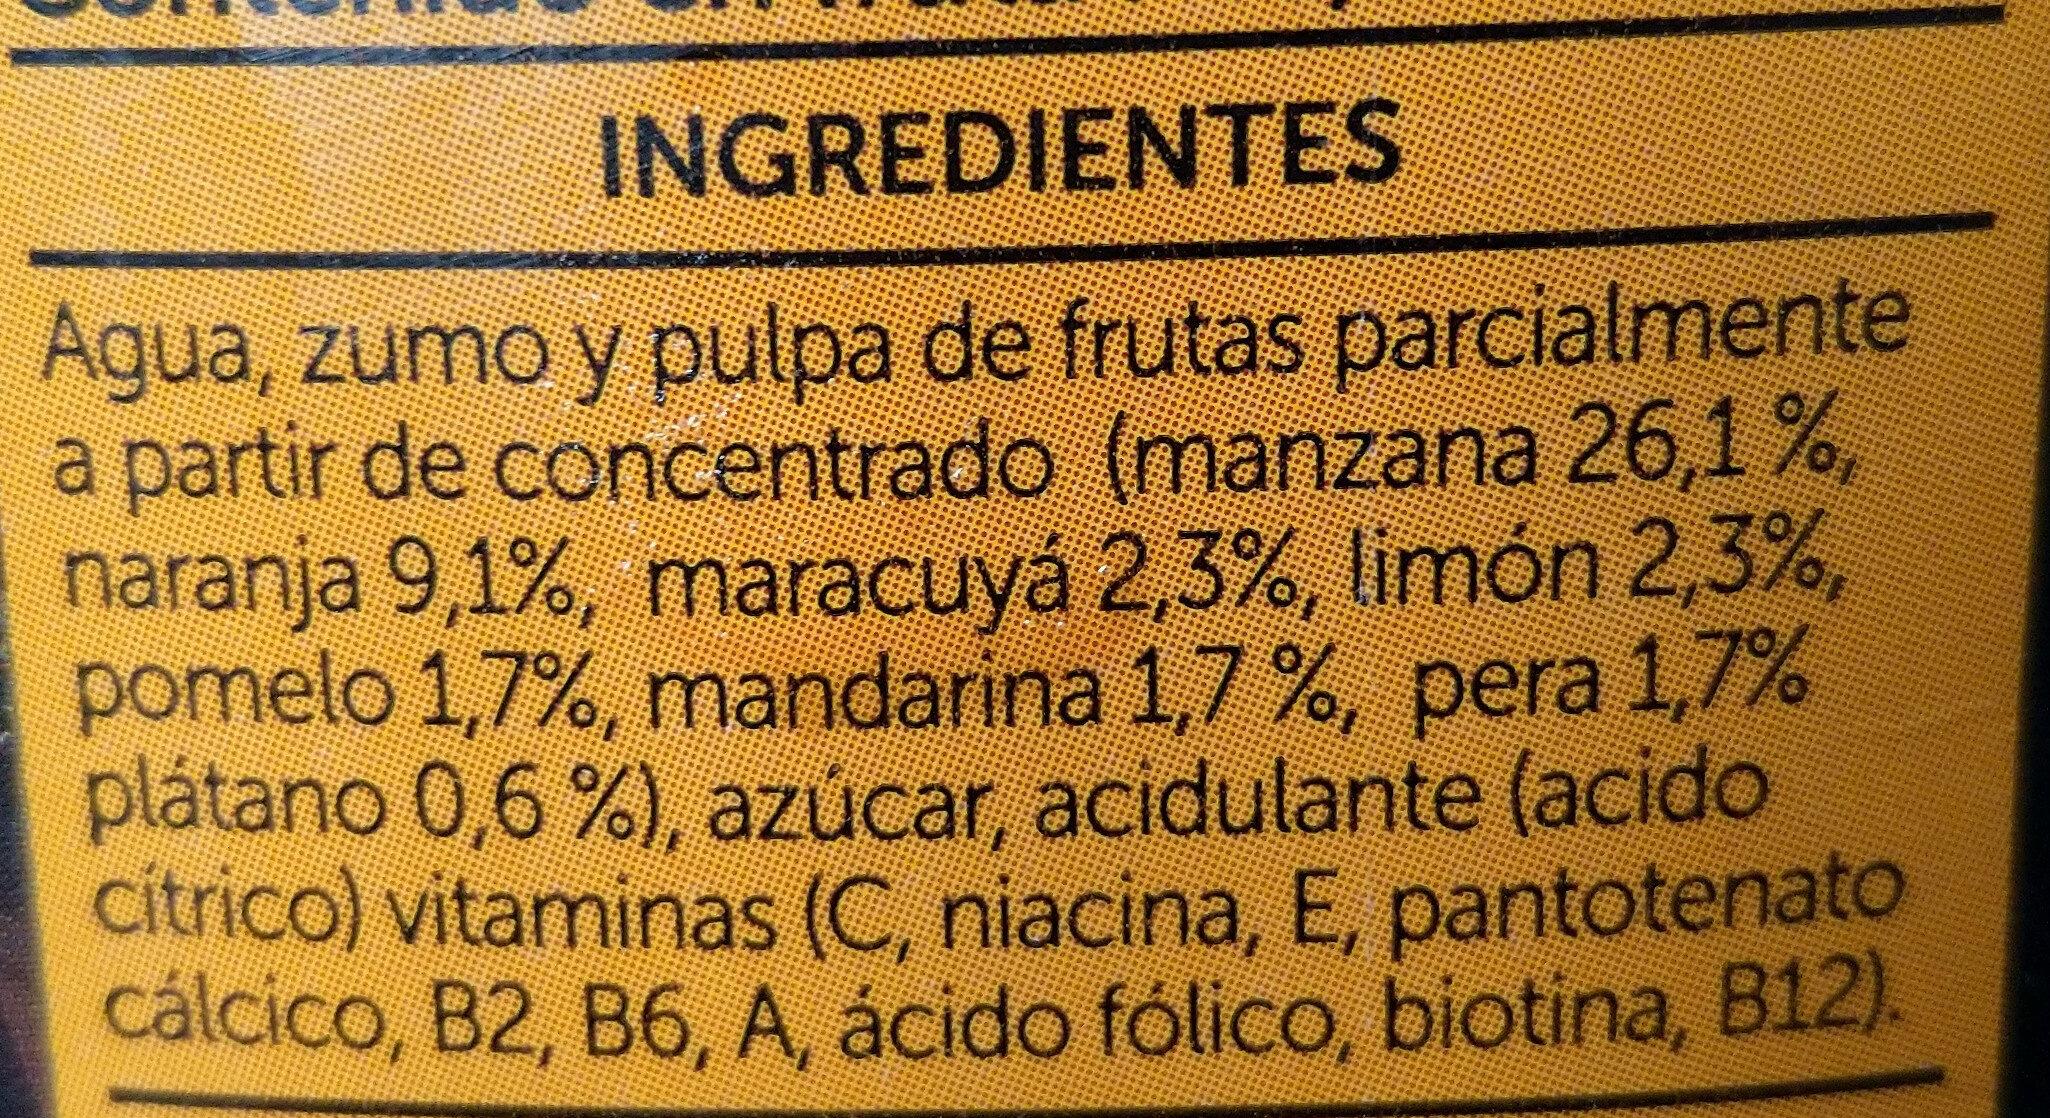 Néctar Multifrutas - Ingredientes - es